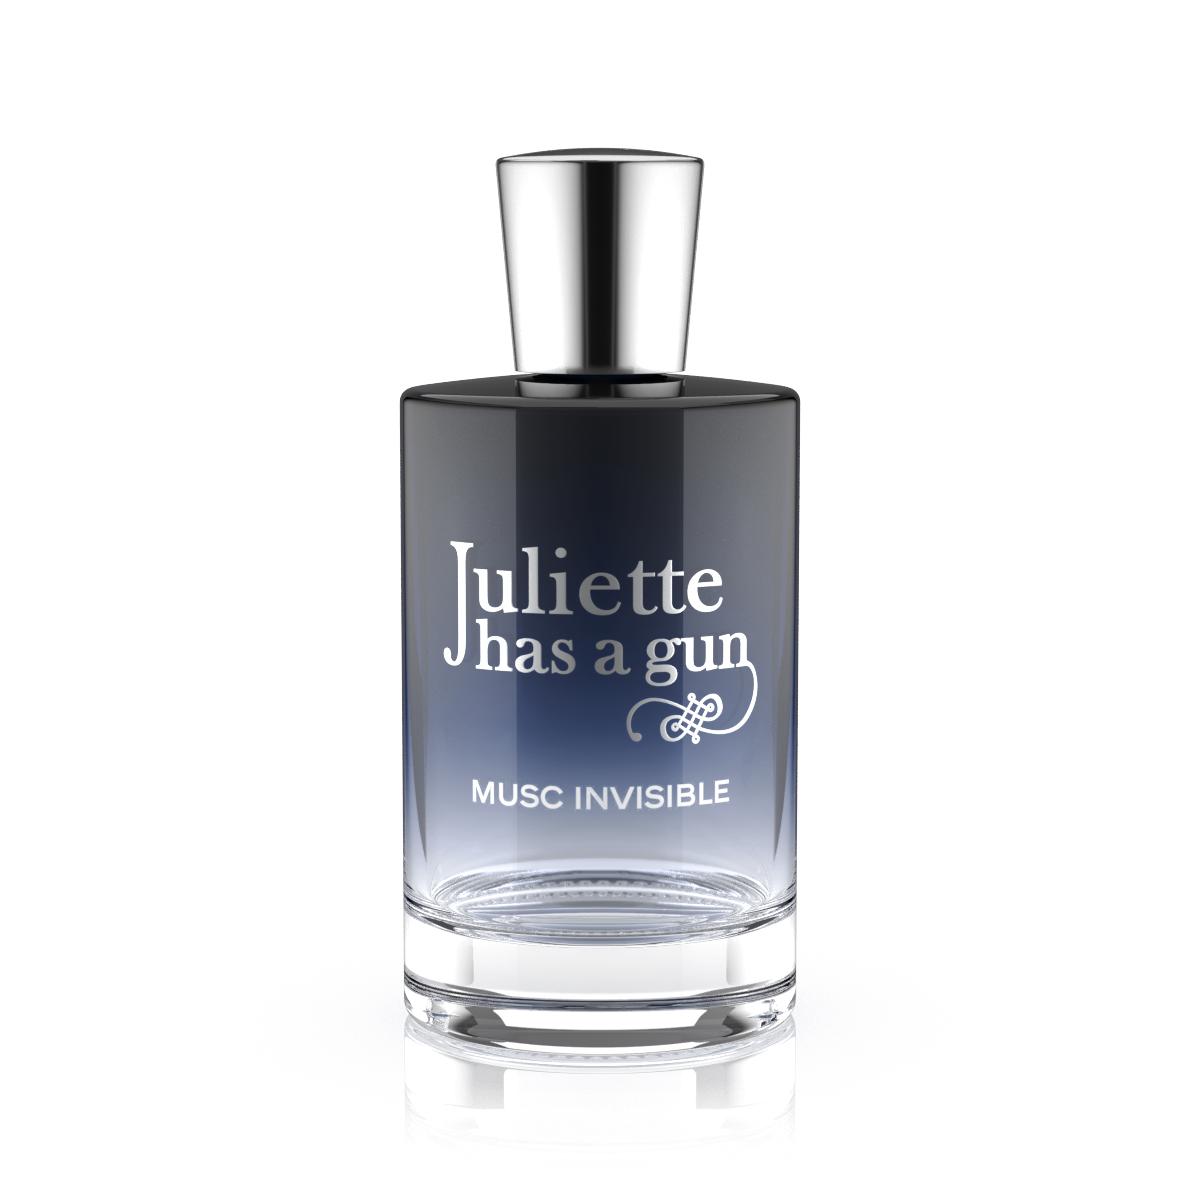 JULIETTE HAS A GUN MUSC INVISIBLE 3.4 EAU DE PARFUM SPRAY FOR WOMEN